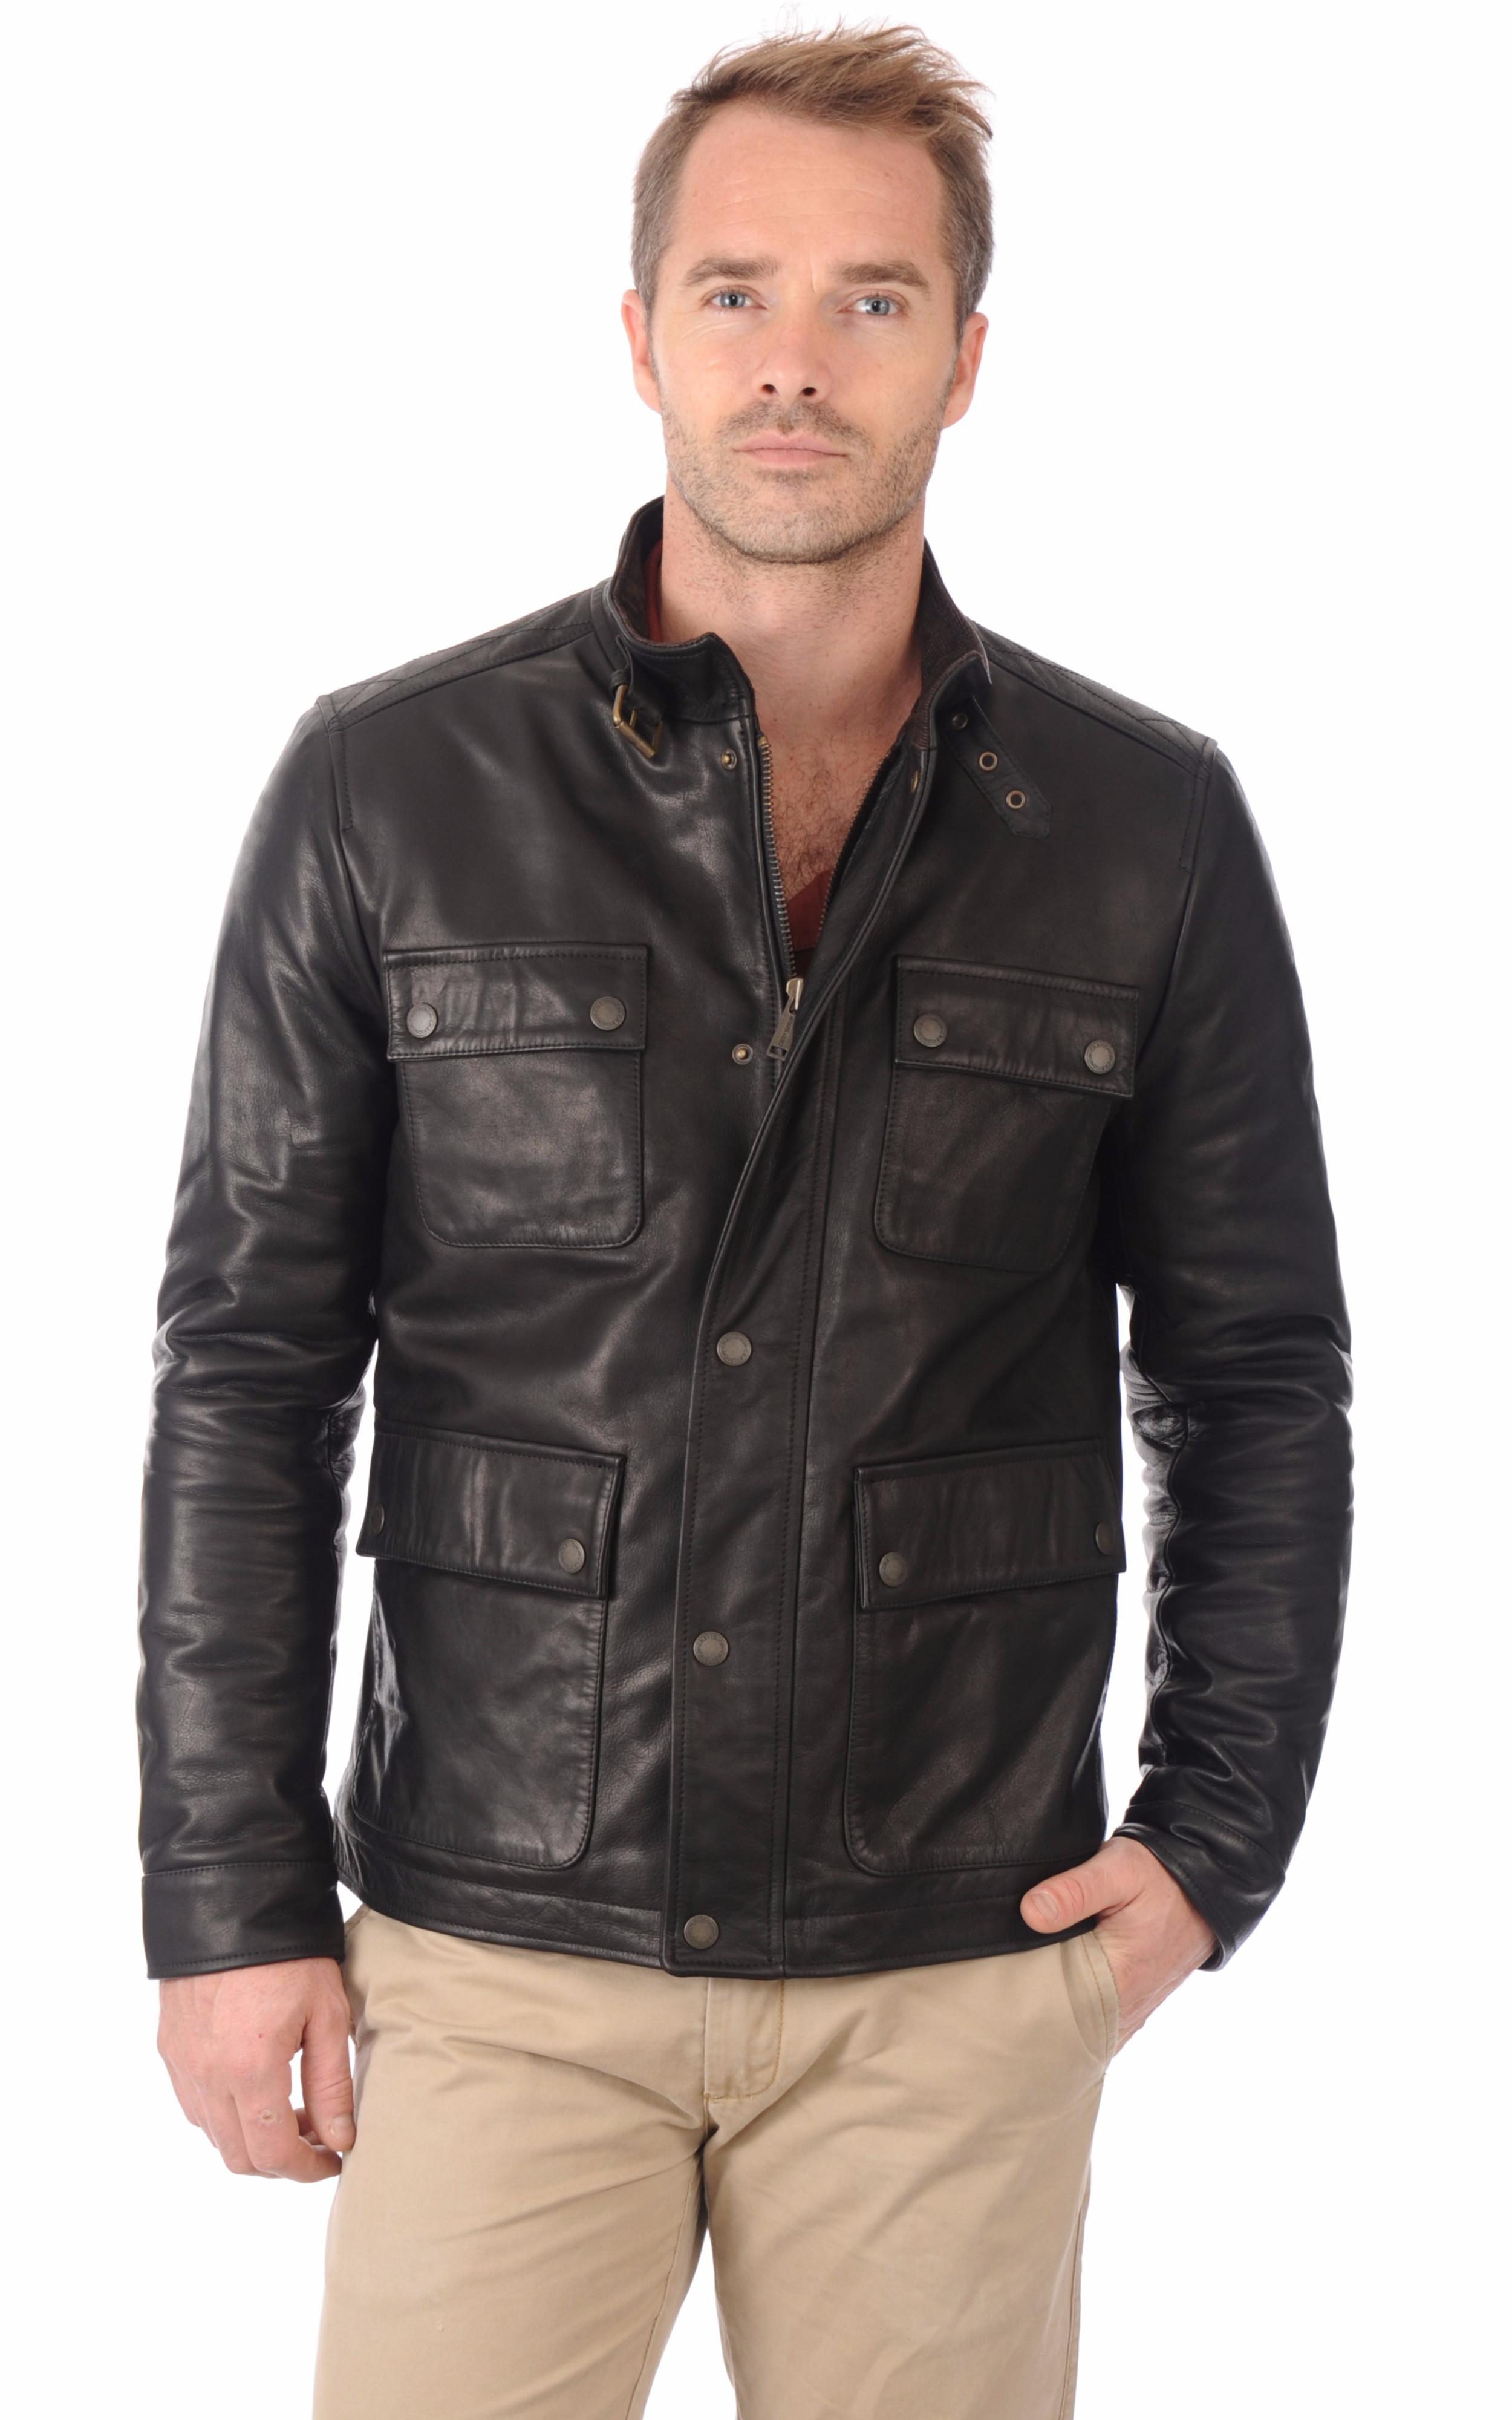 veste cuir style saharienne chevignon la canadienne veste 3 4 cuir noir. Black Bedroom Furniture Sets. Home Design Ideas